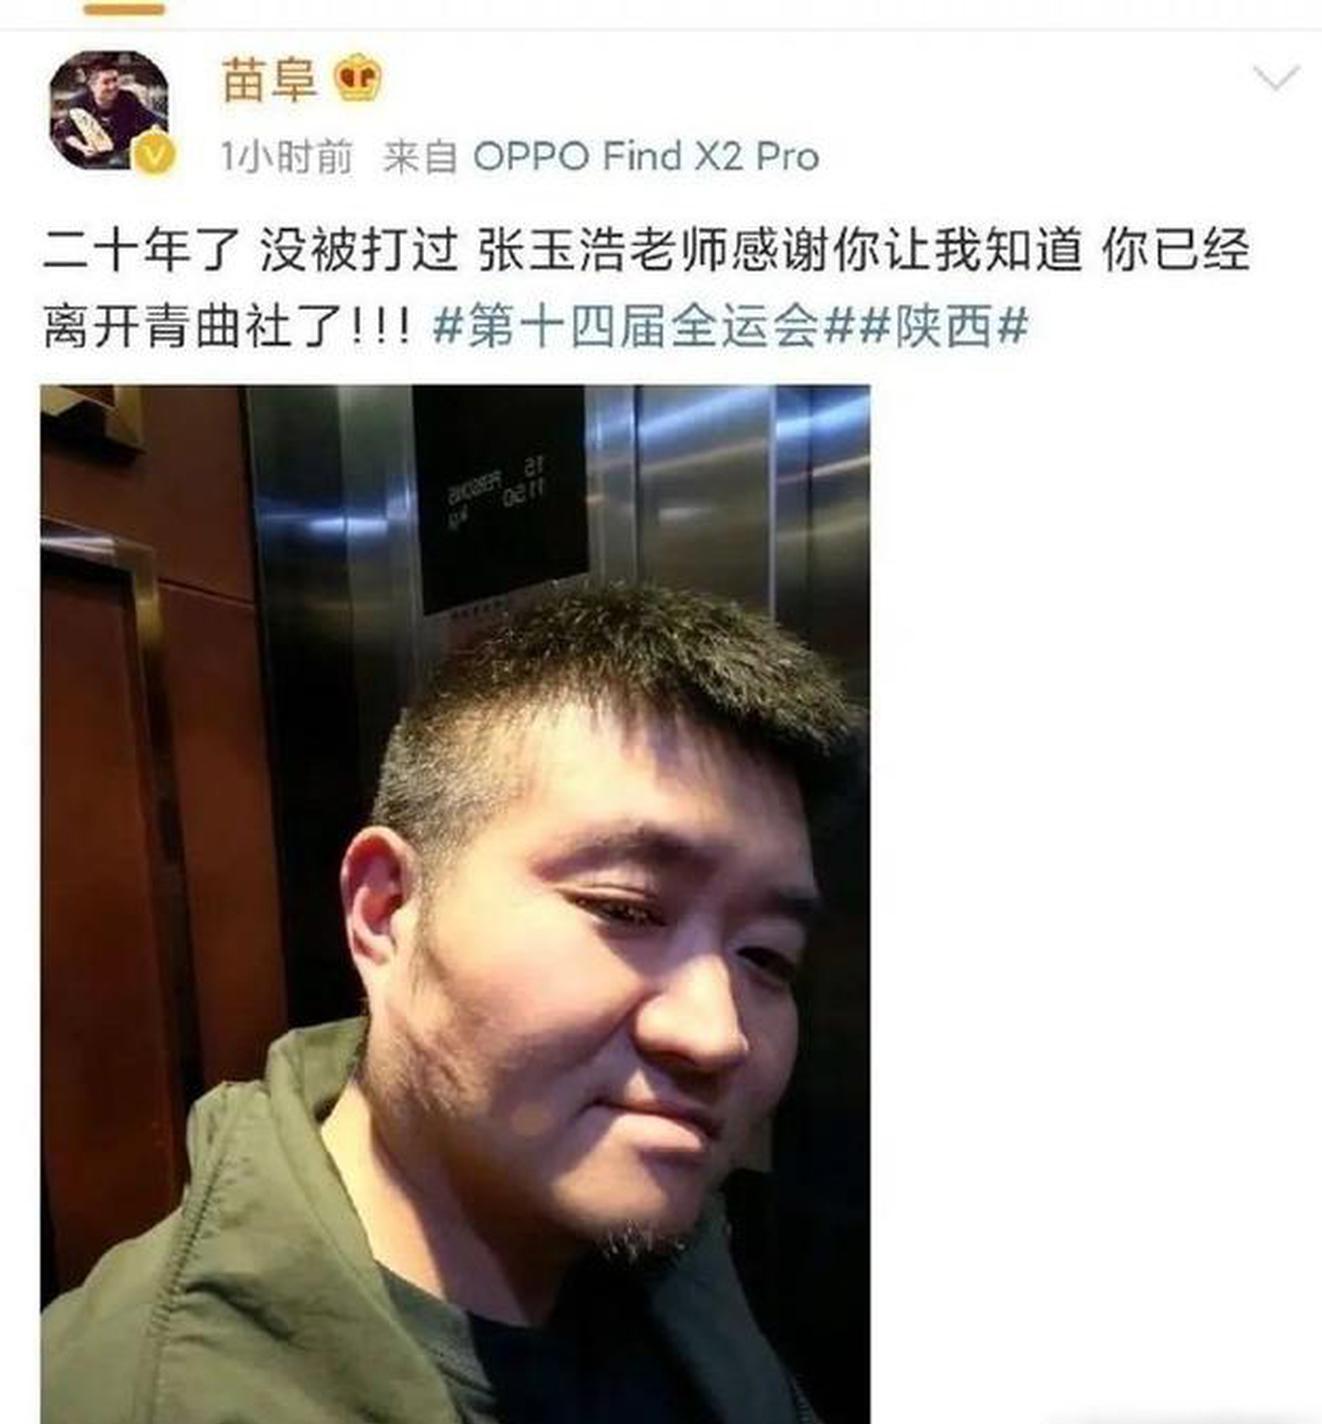 苗阜晒脸部抓伤照自曝被张玉浩打 后又删除微博